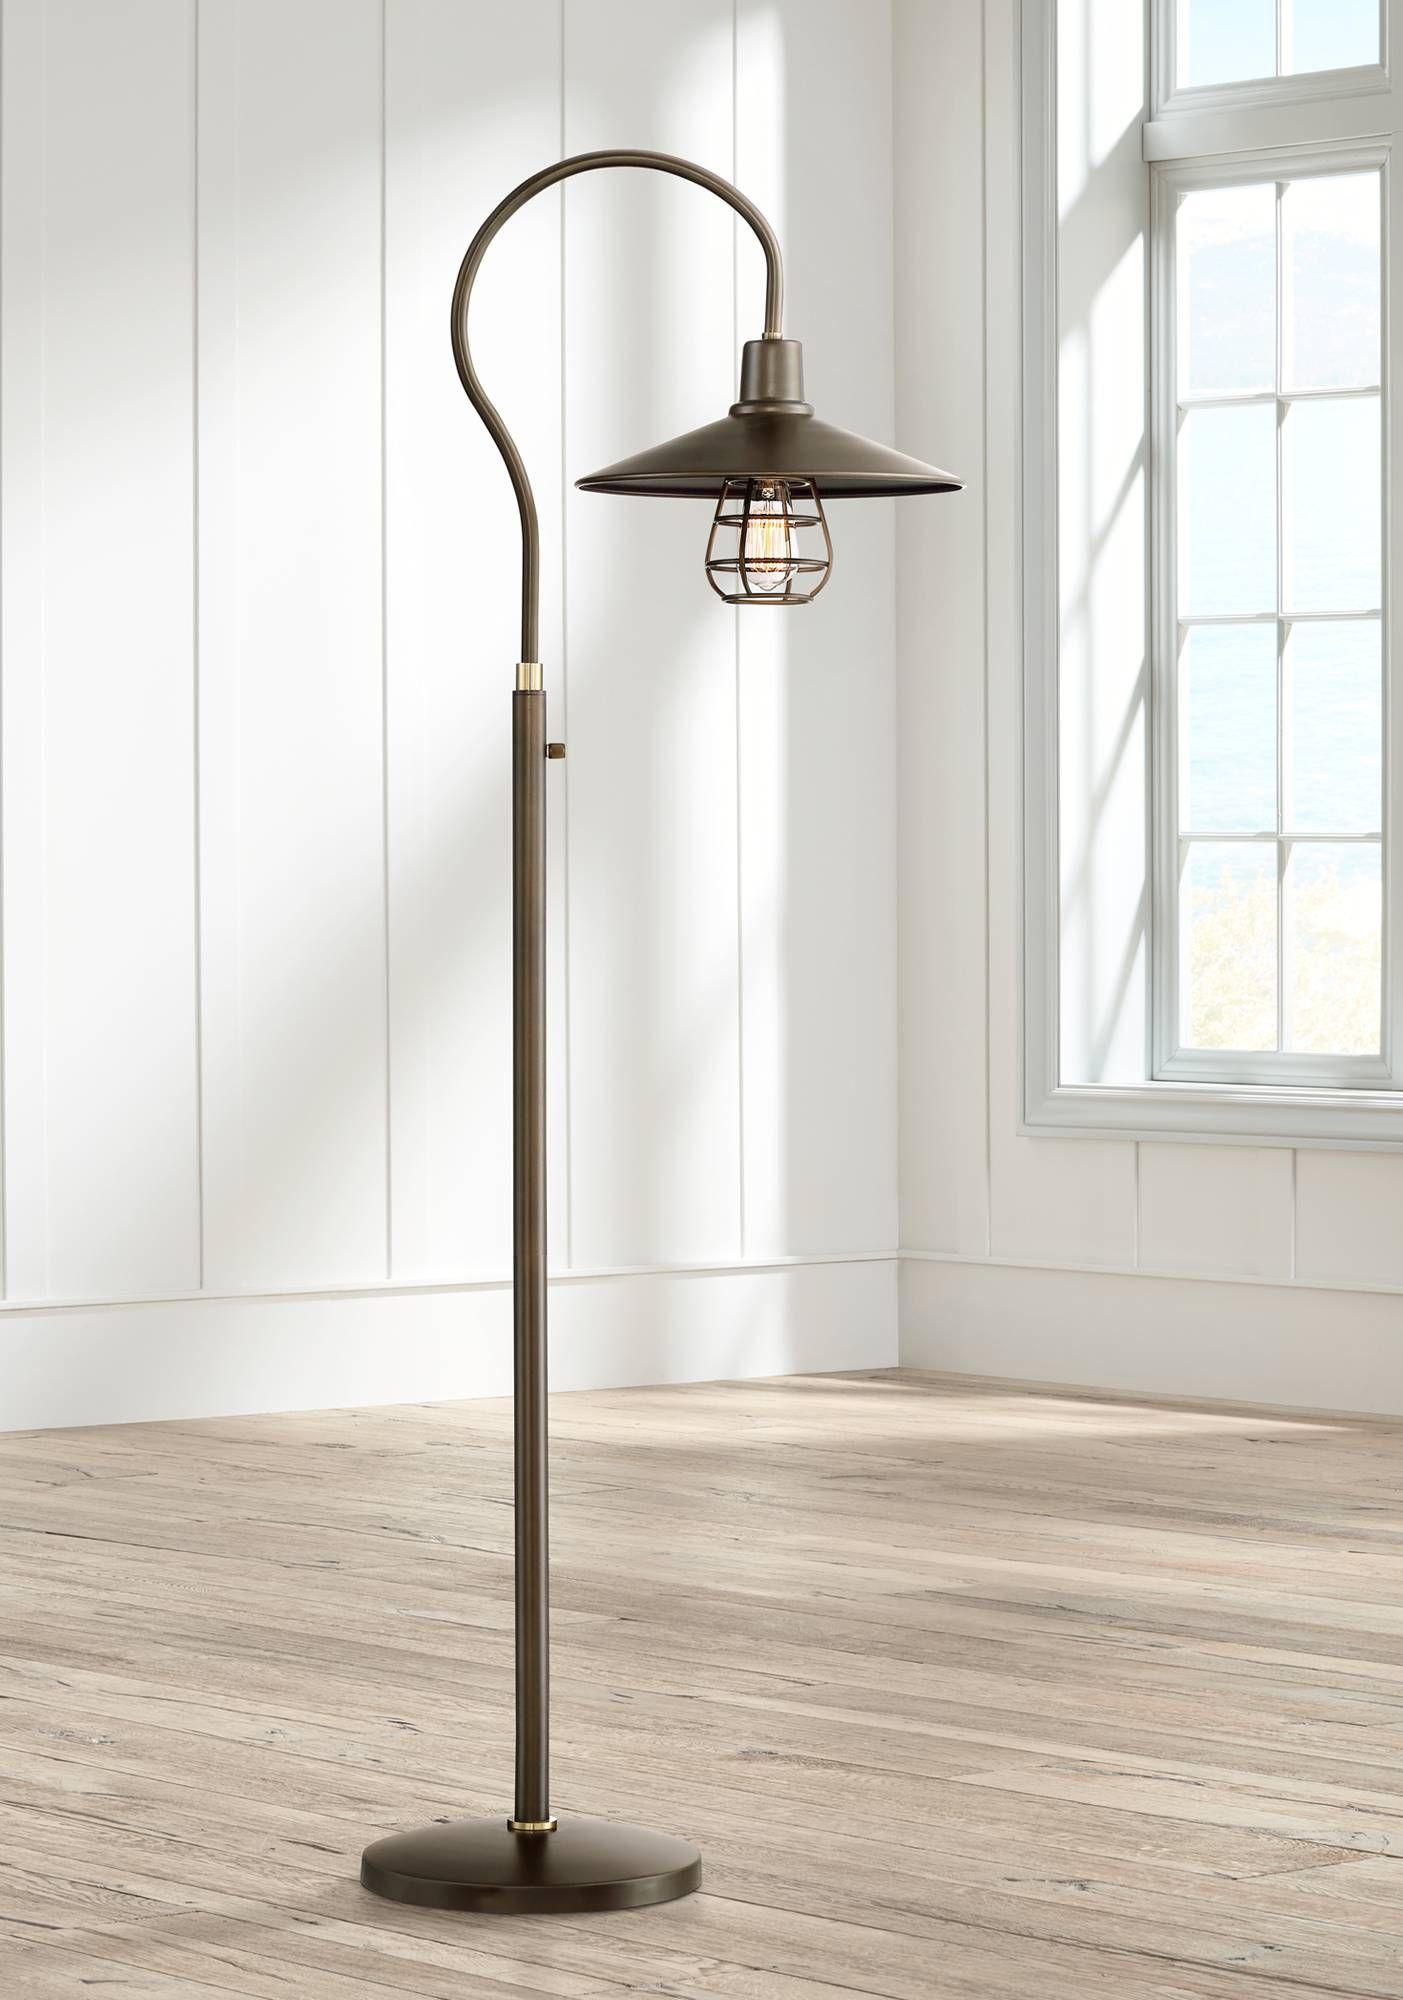 Garryton Industrial Oil-Rubbed Bronze Floor Lamp - #9M658 ...